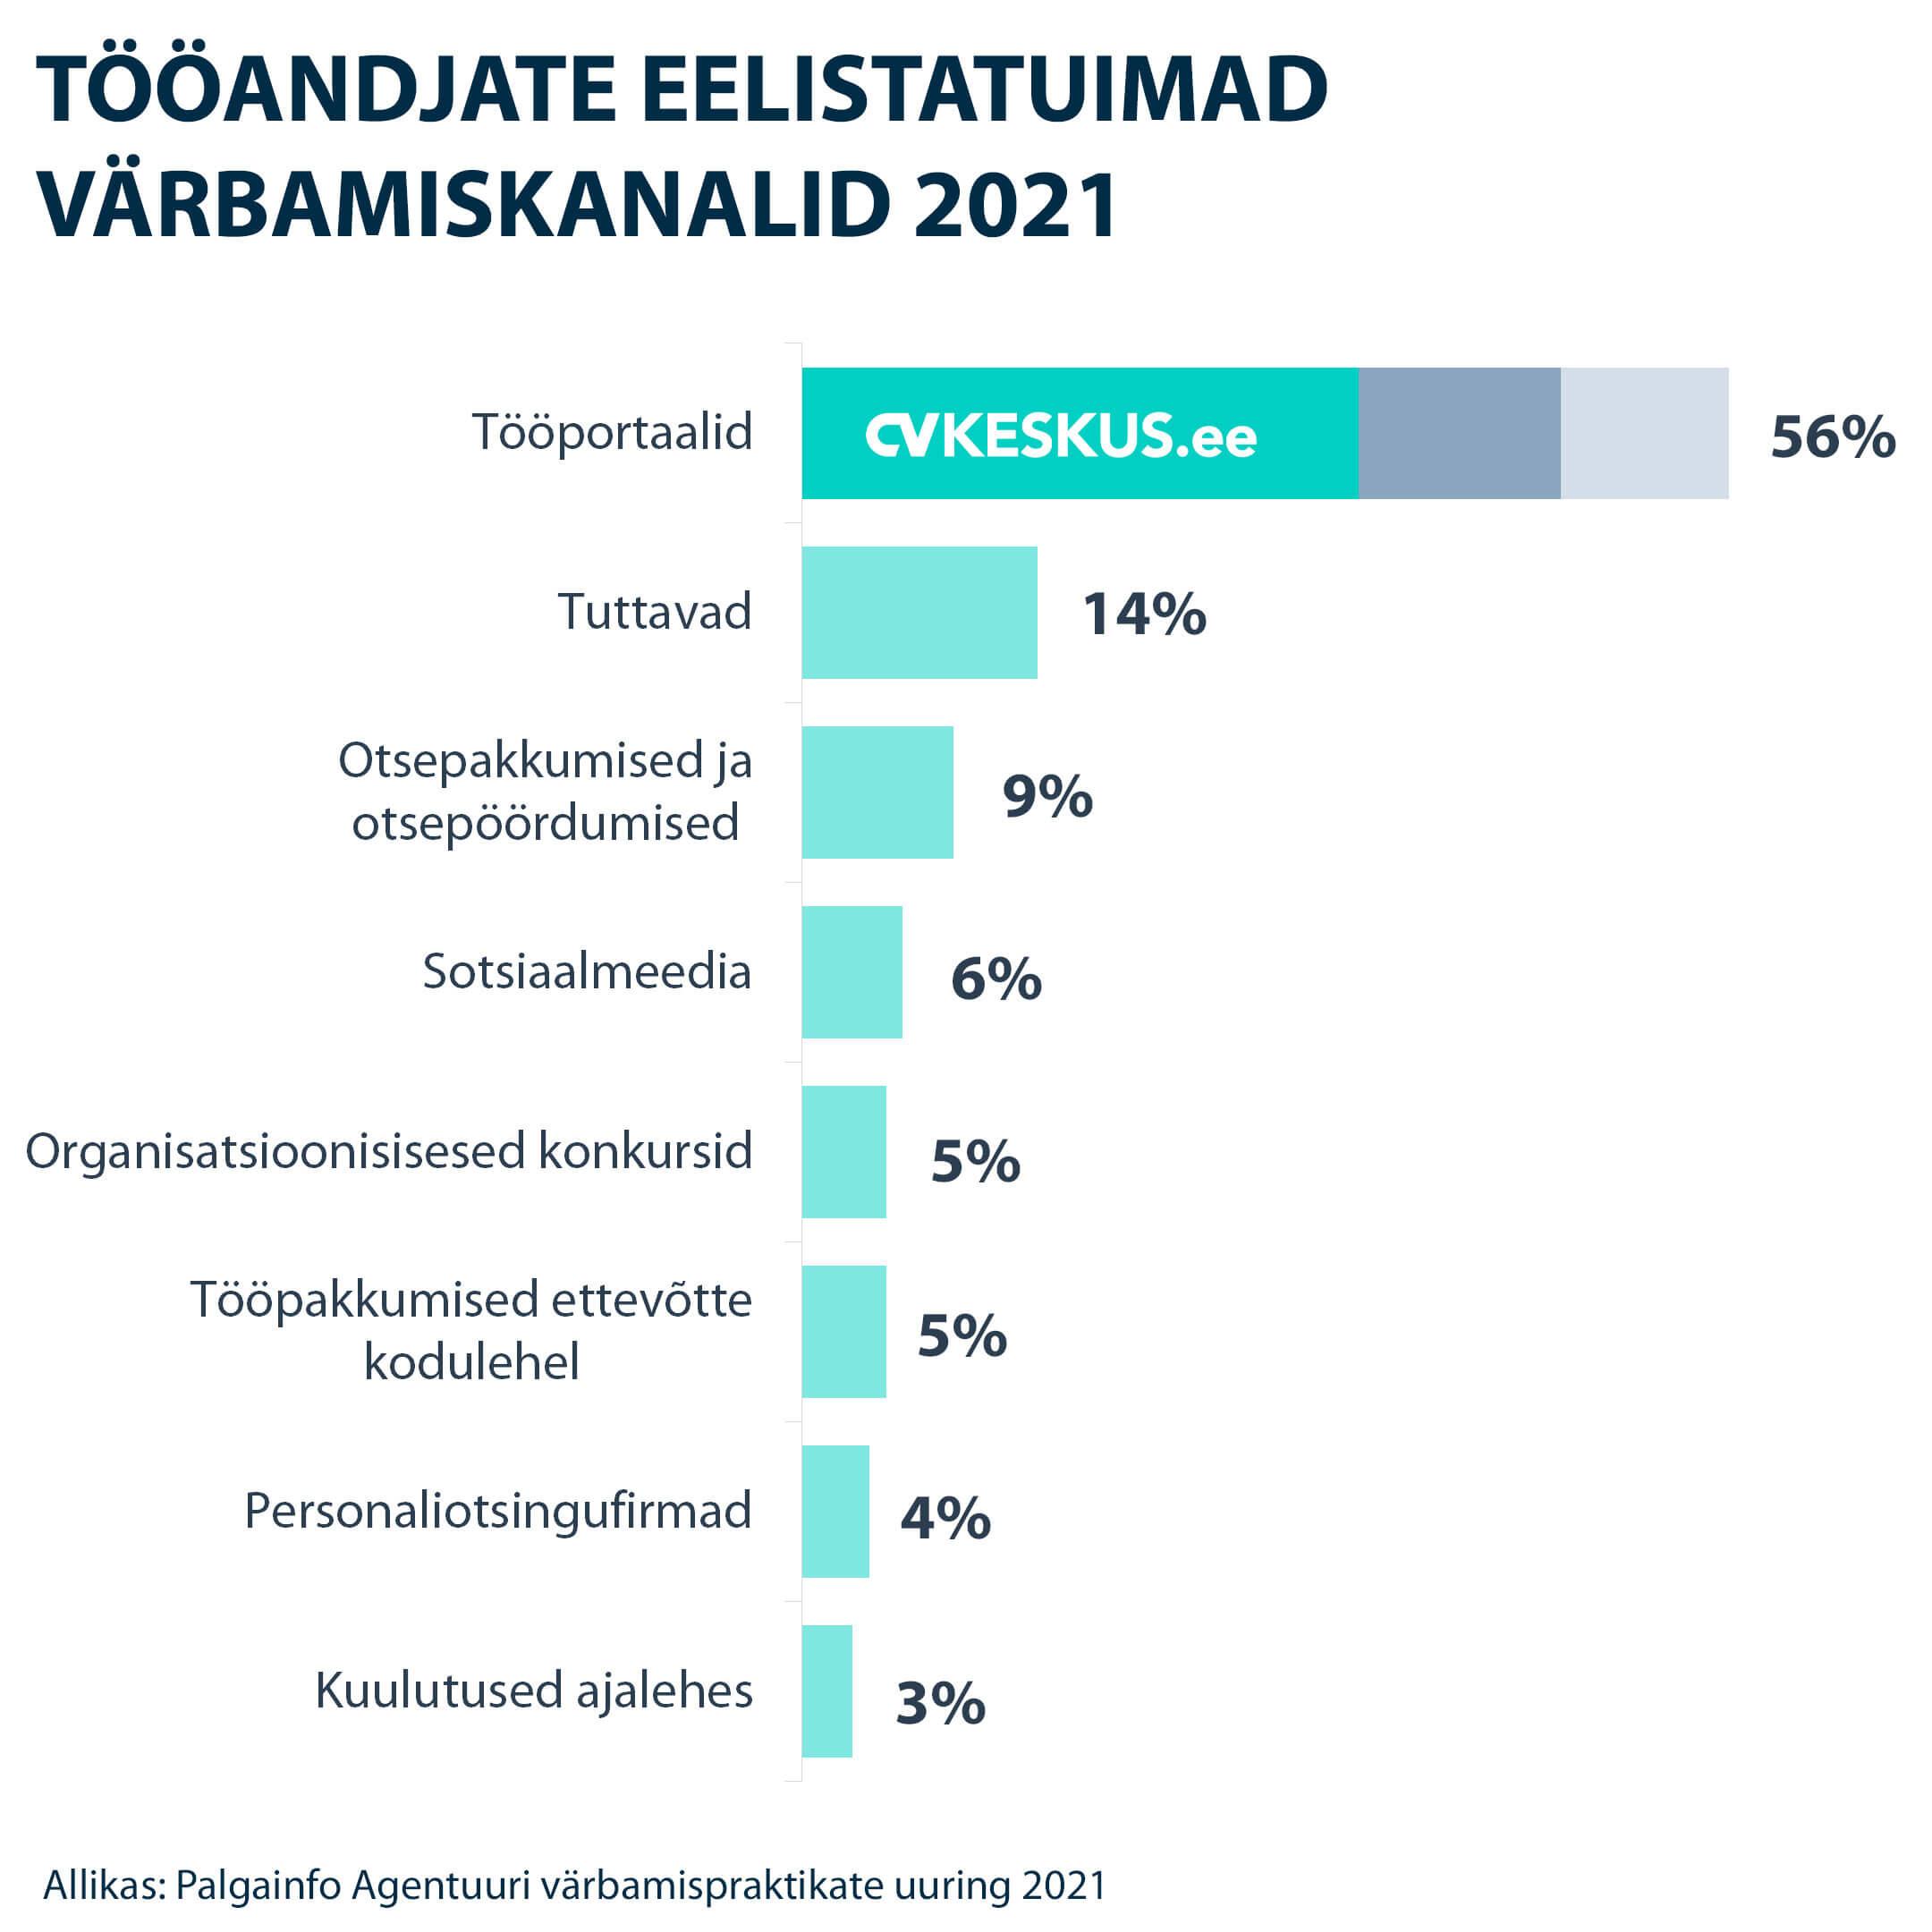 Tööandjate eelistatuimad värbamiskanalid 2021